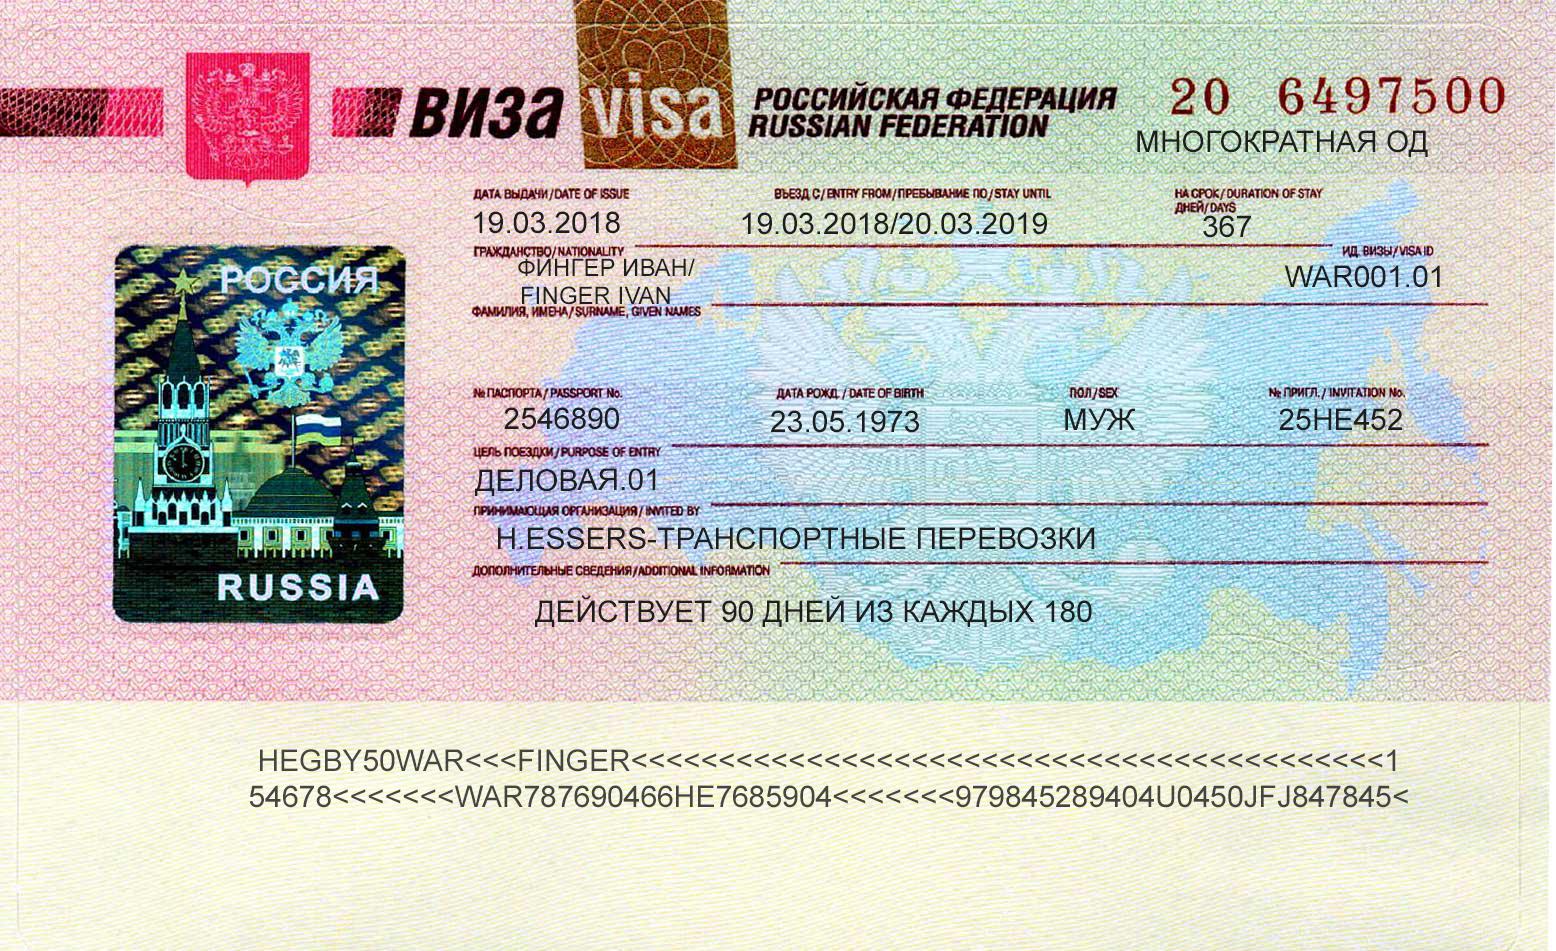 Как получить и сделать визу в Китай в Гонконге для россиян в 2018 году 24